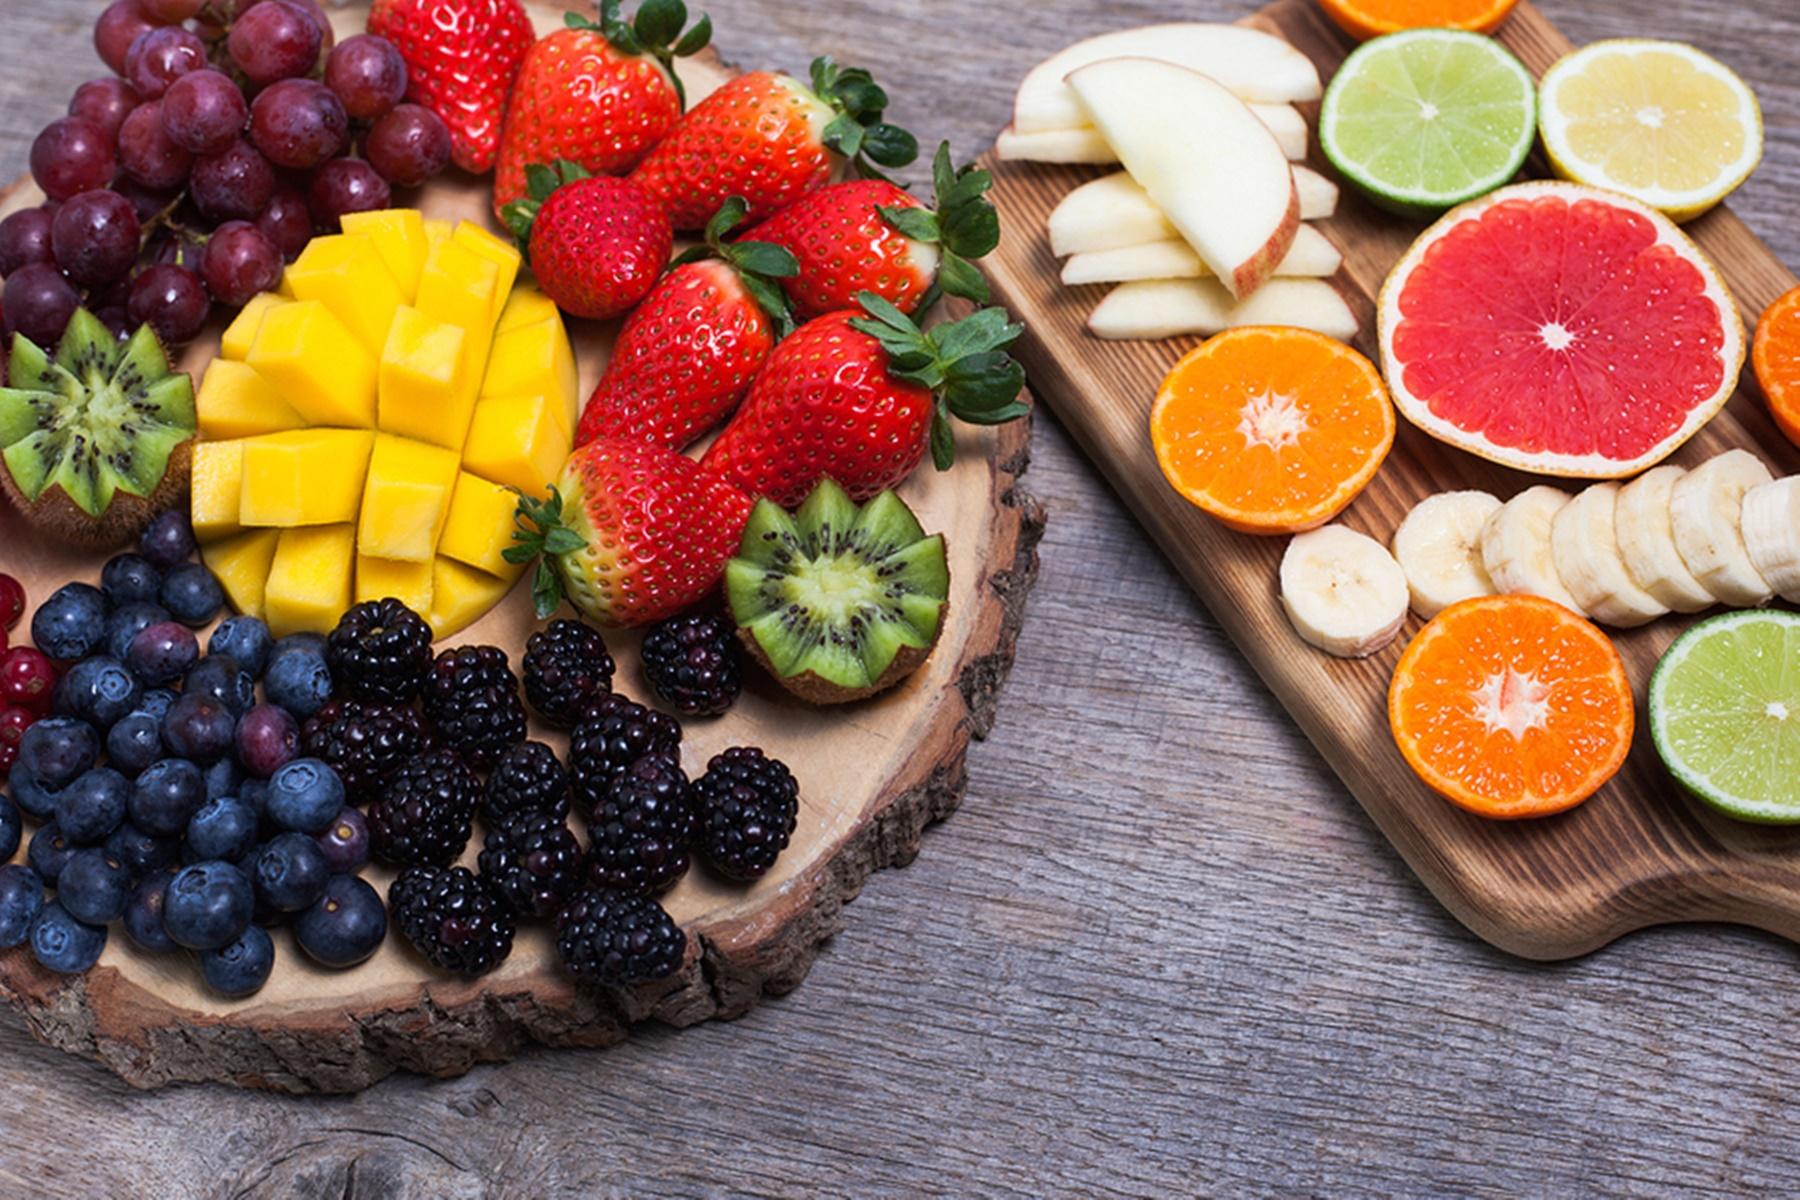 Φρούτα Διαβήτης : Επιλογές για να τρώτε άφοβα